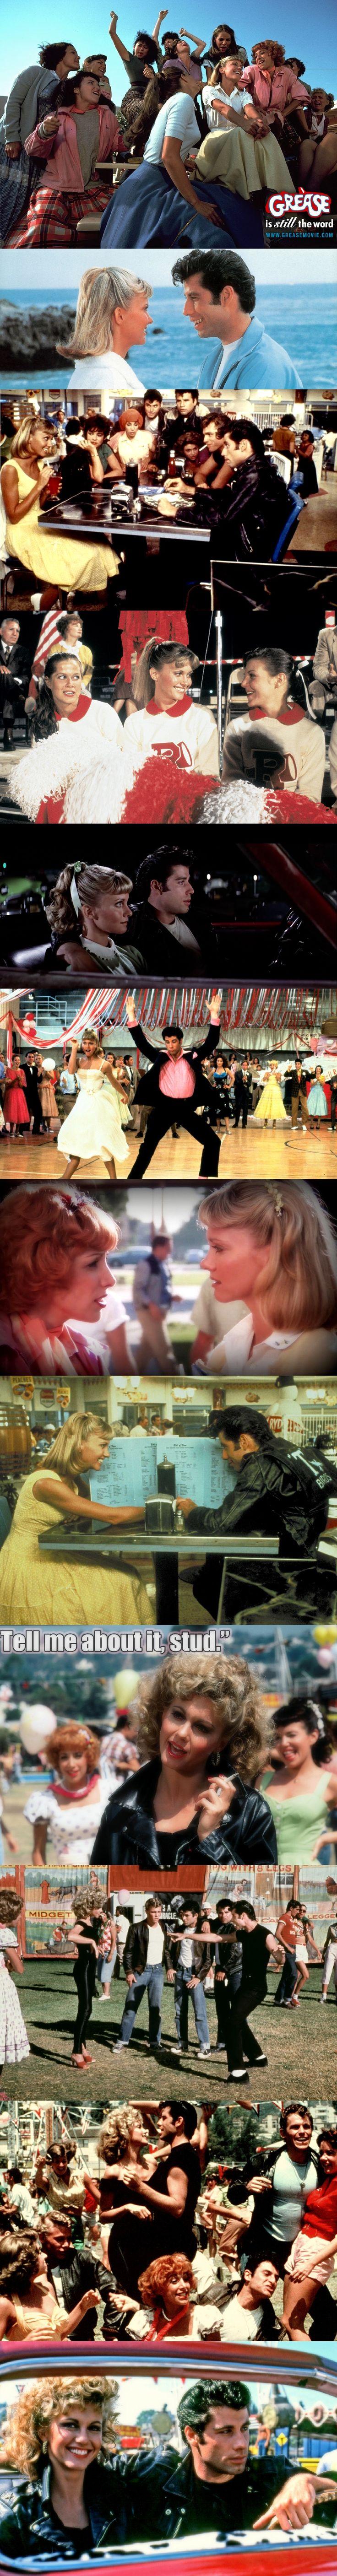 """Olivia Newton John and John Travolta in """"Grease"""""""